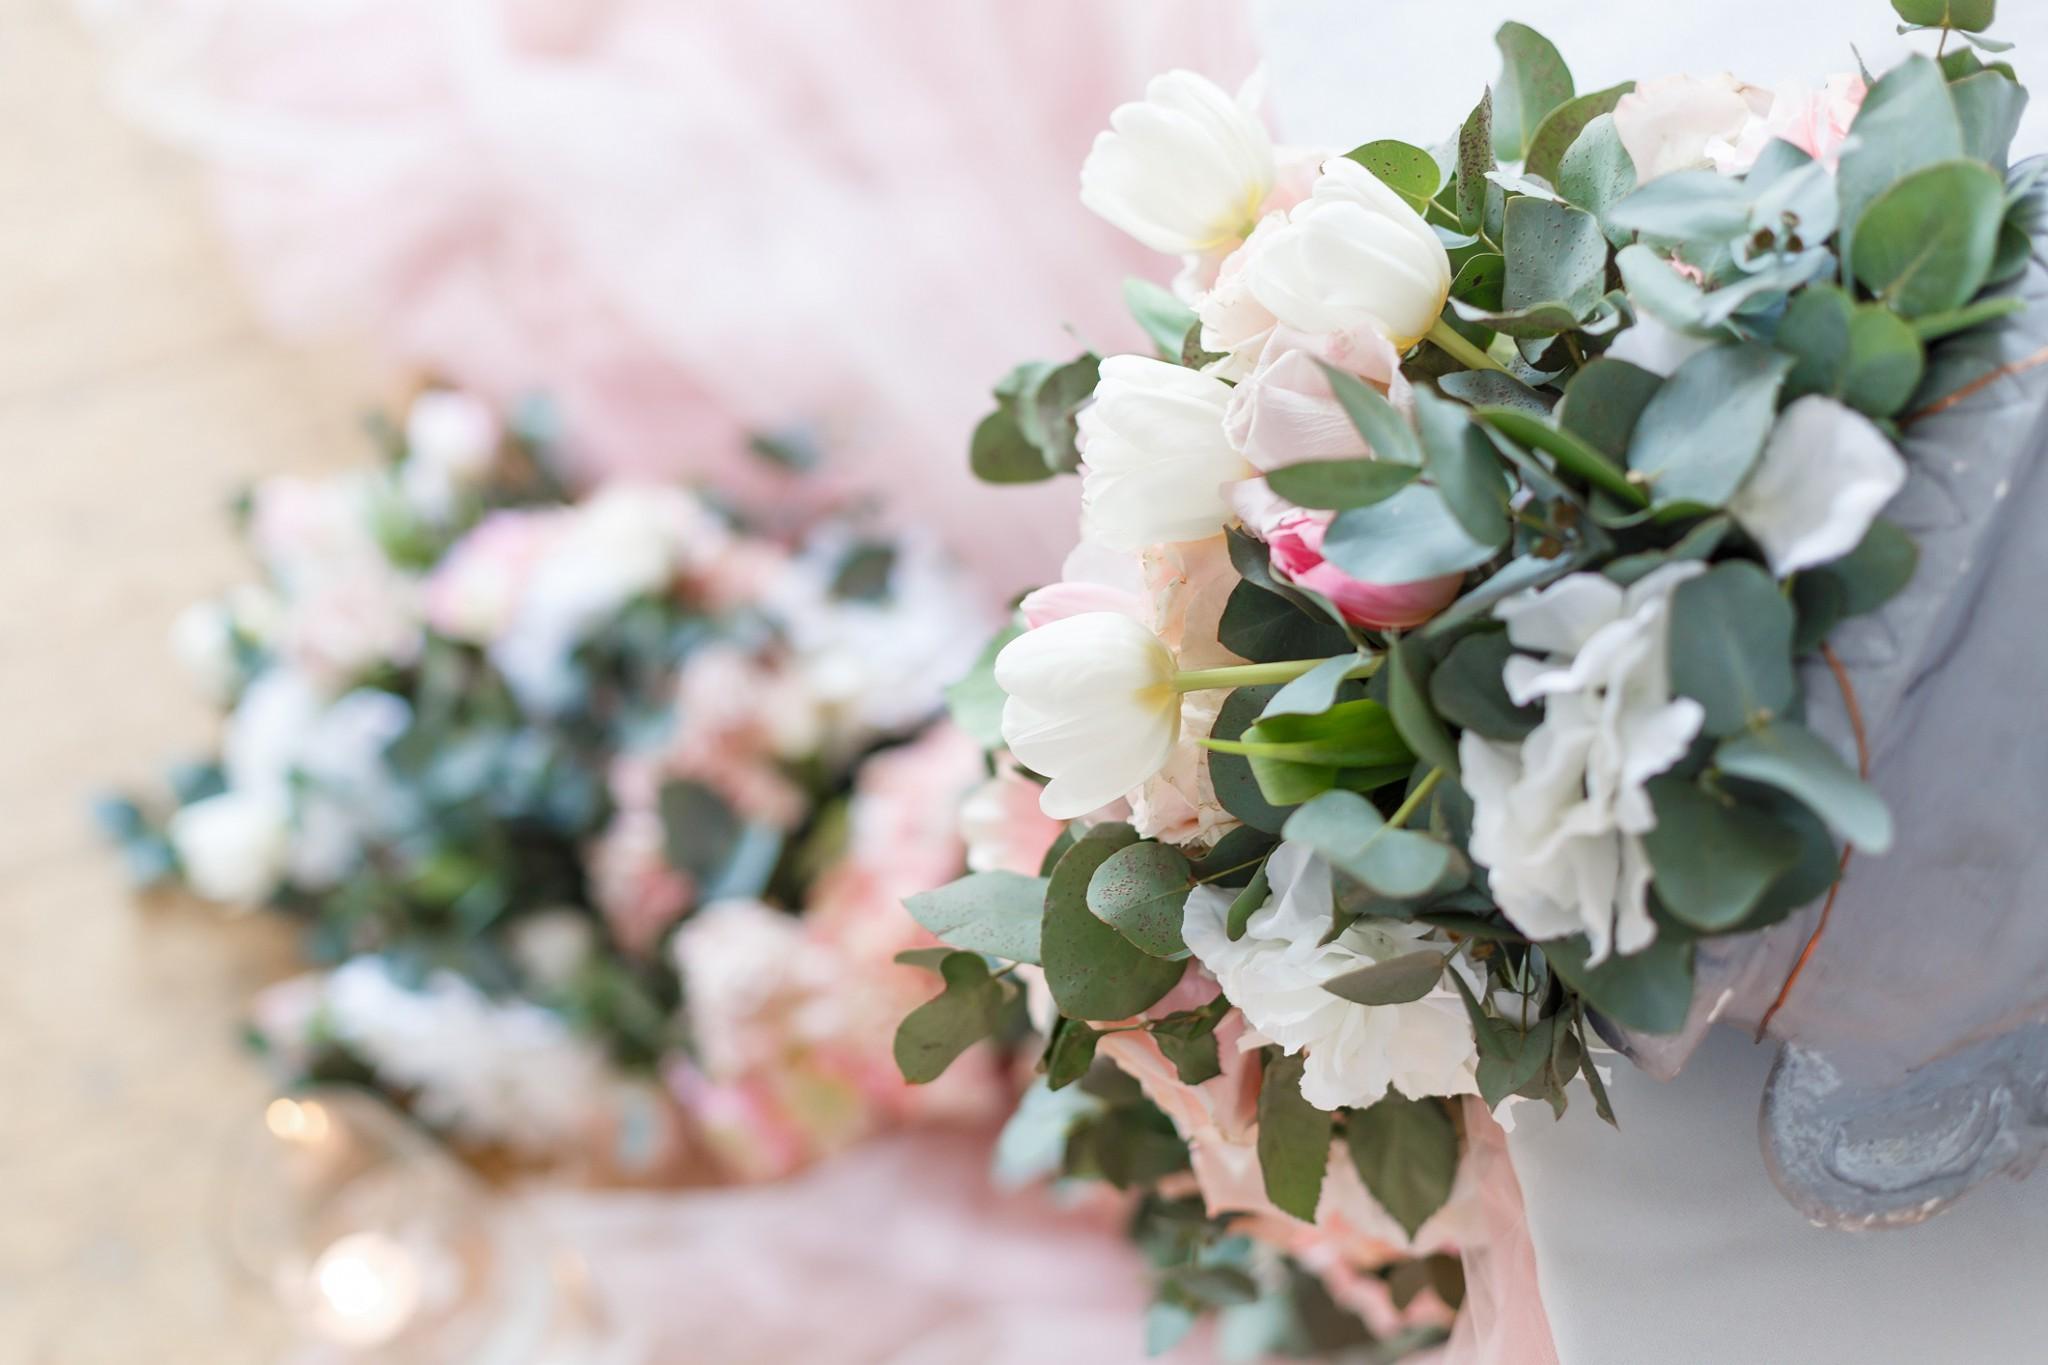 結婚式の 花 にかかる金額をなるべく抑えたい 装花節約5つの